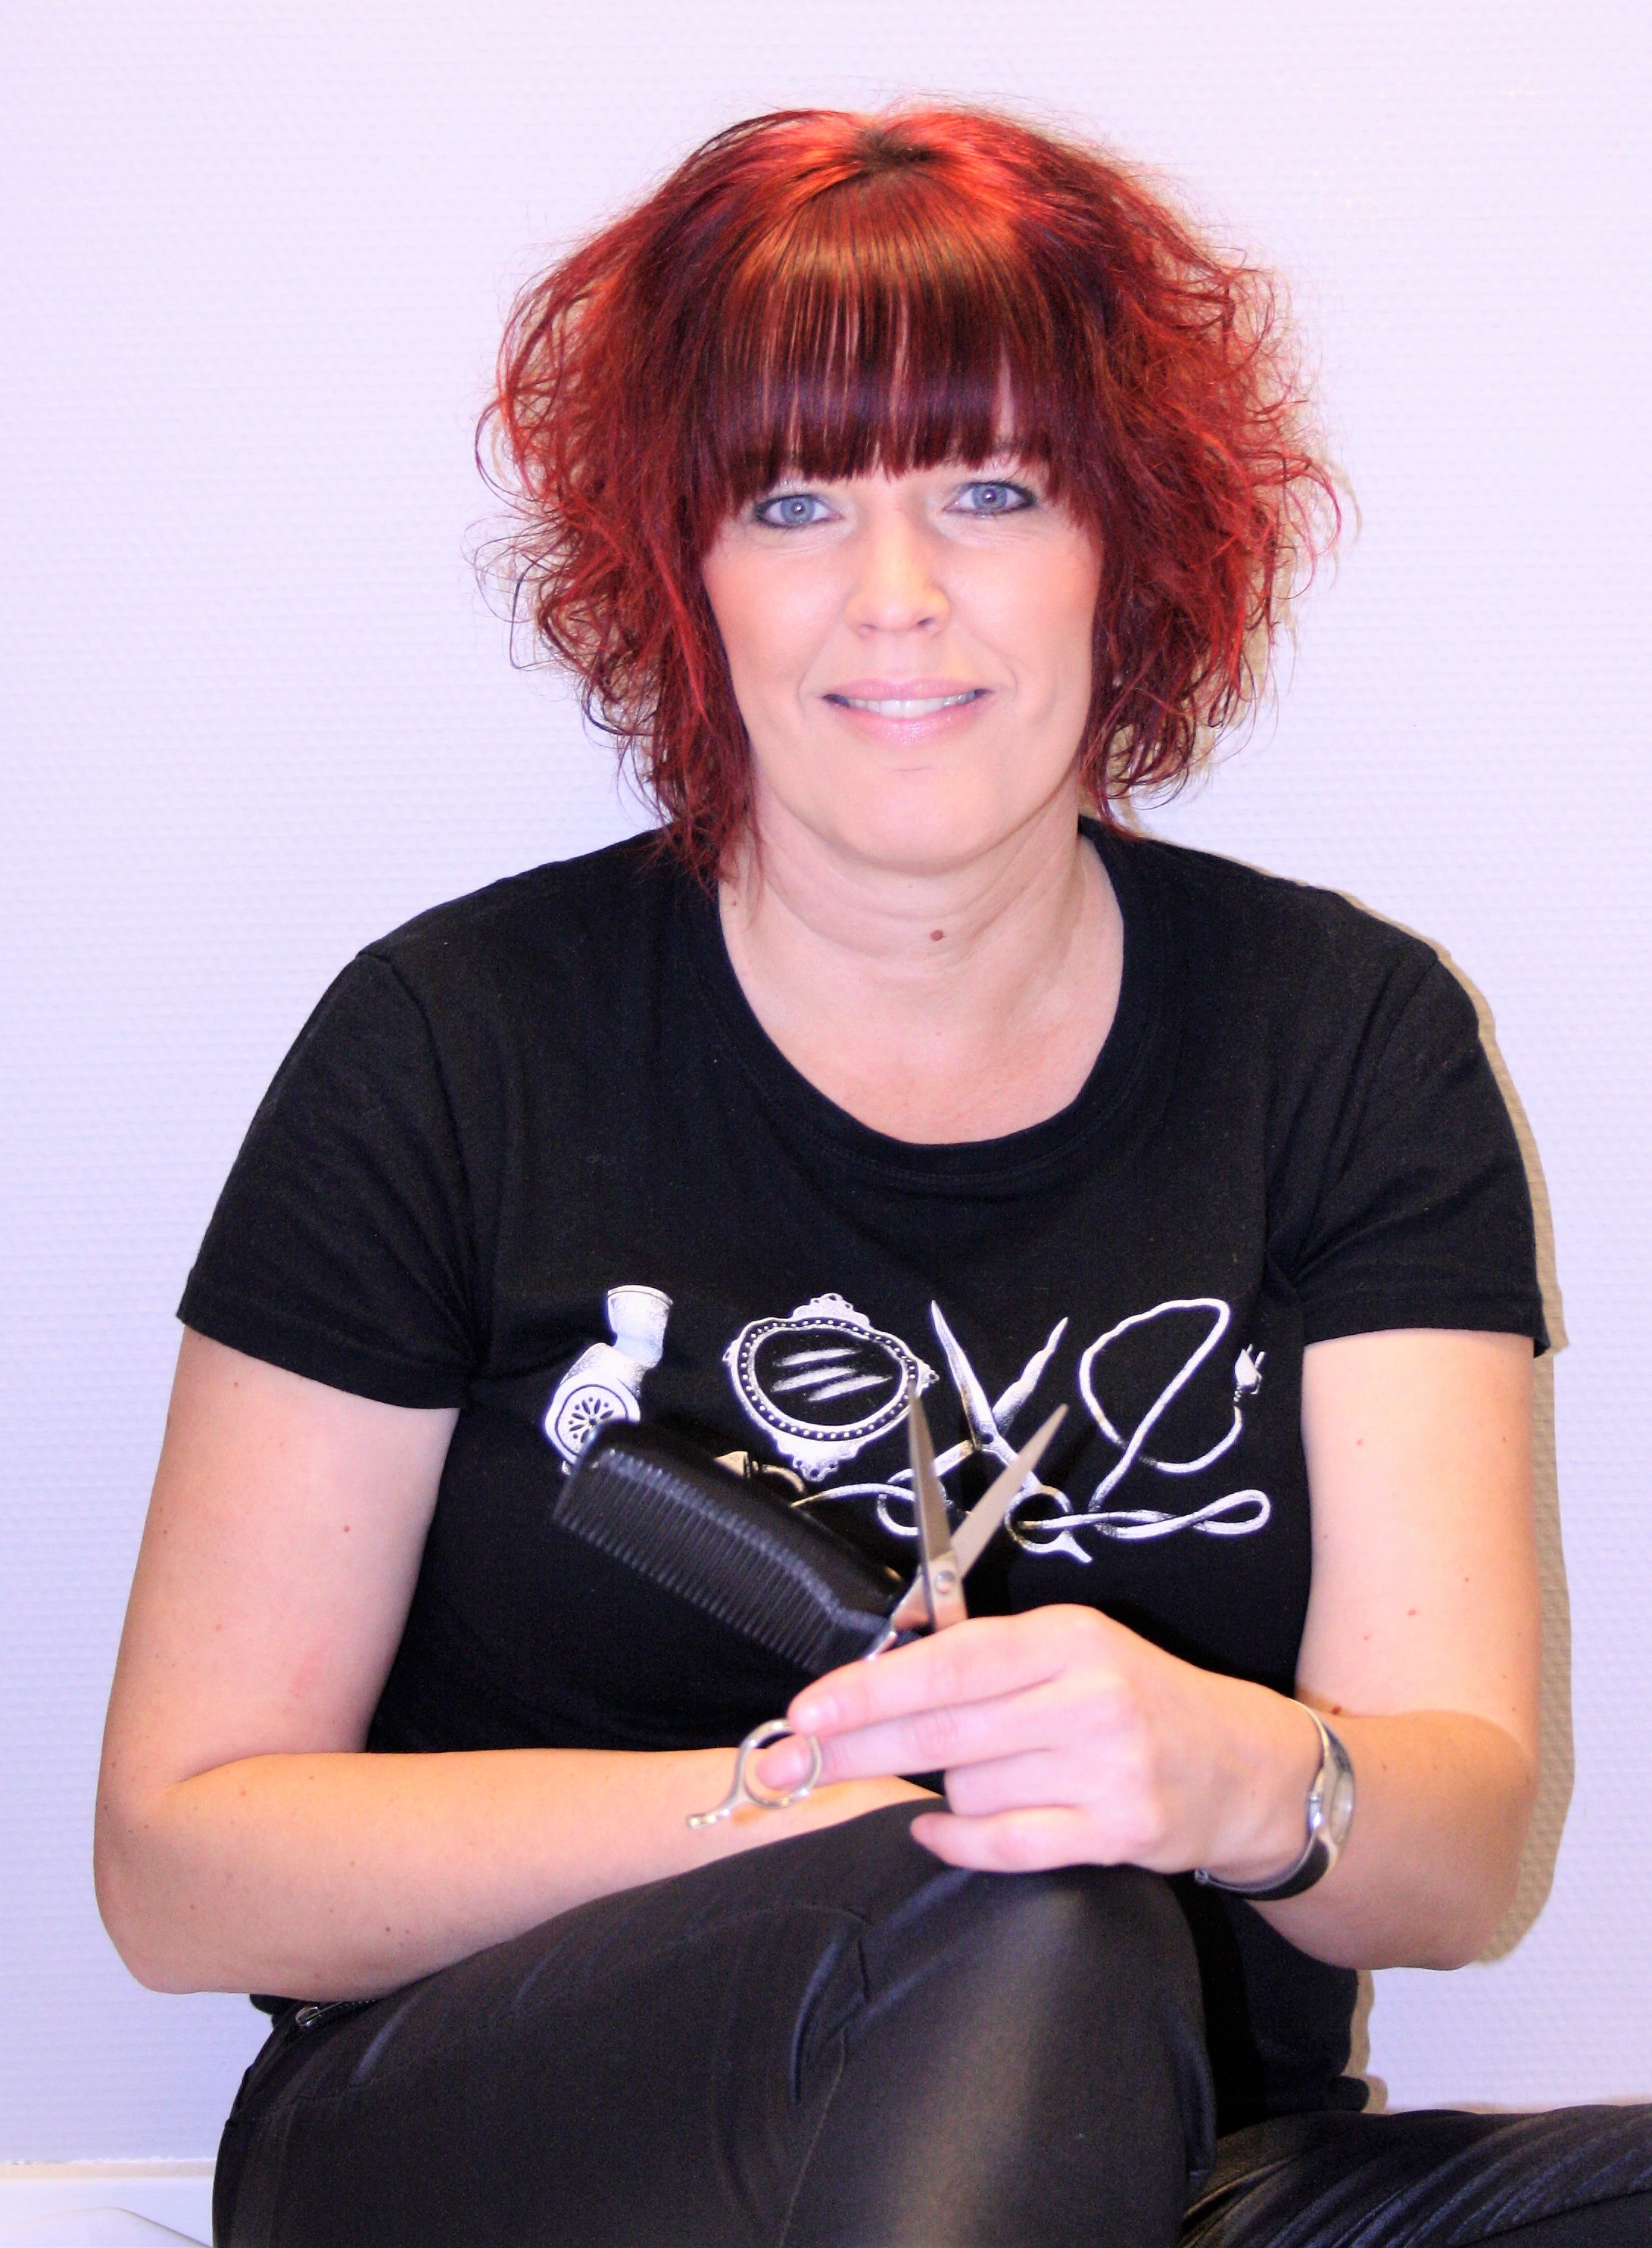 Miranda Savenije